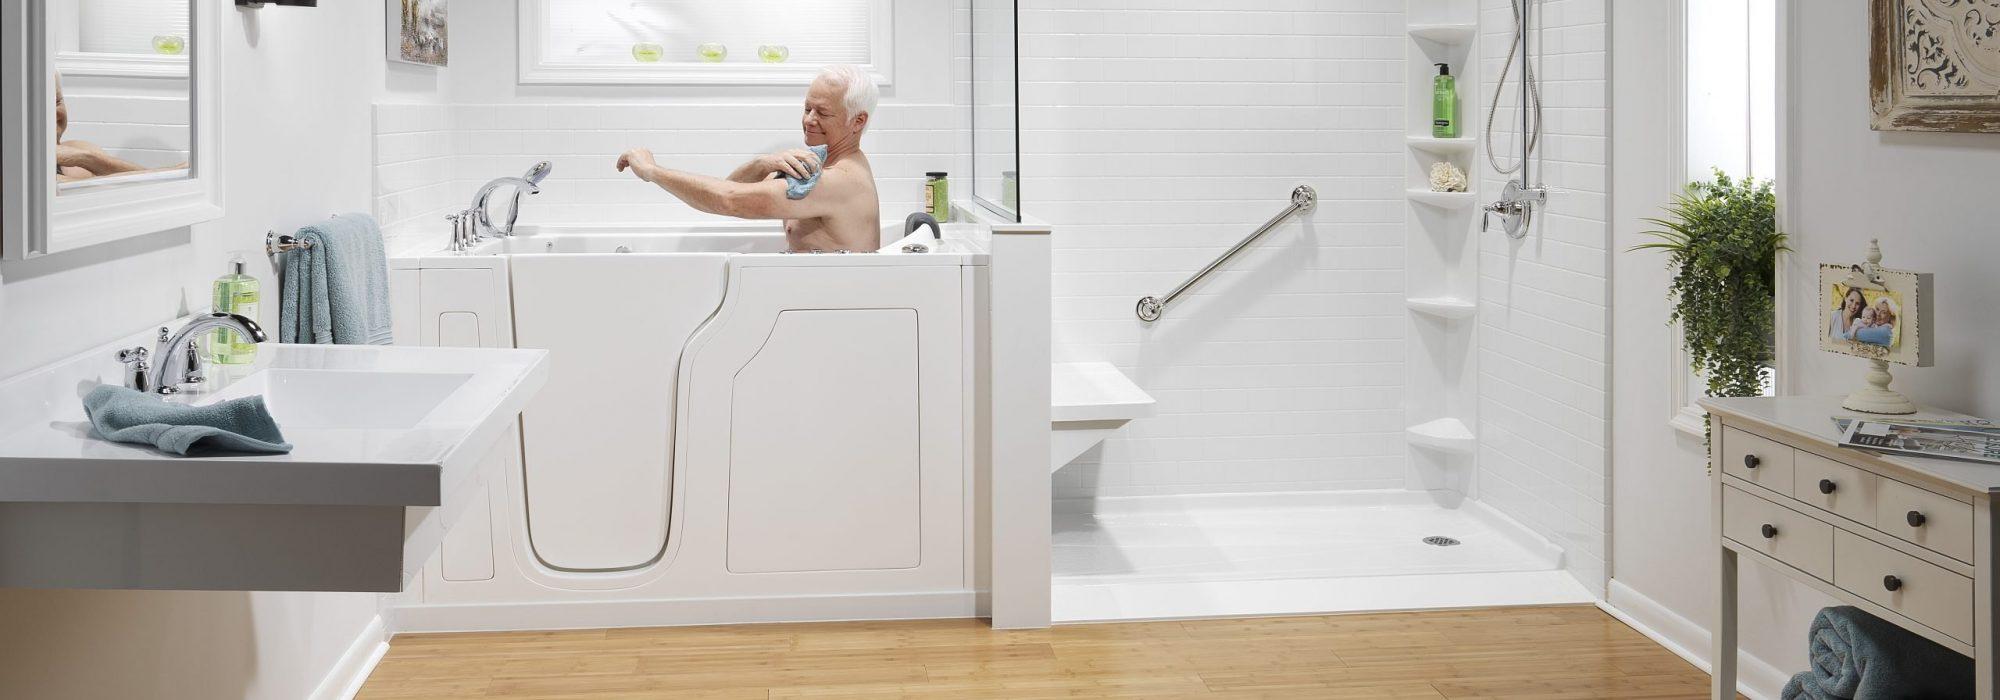 Walk-In Tub with man bathing